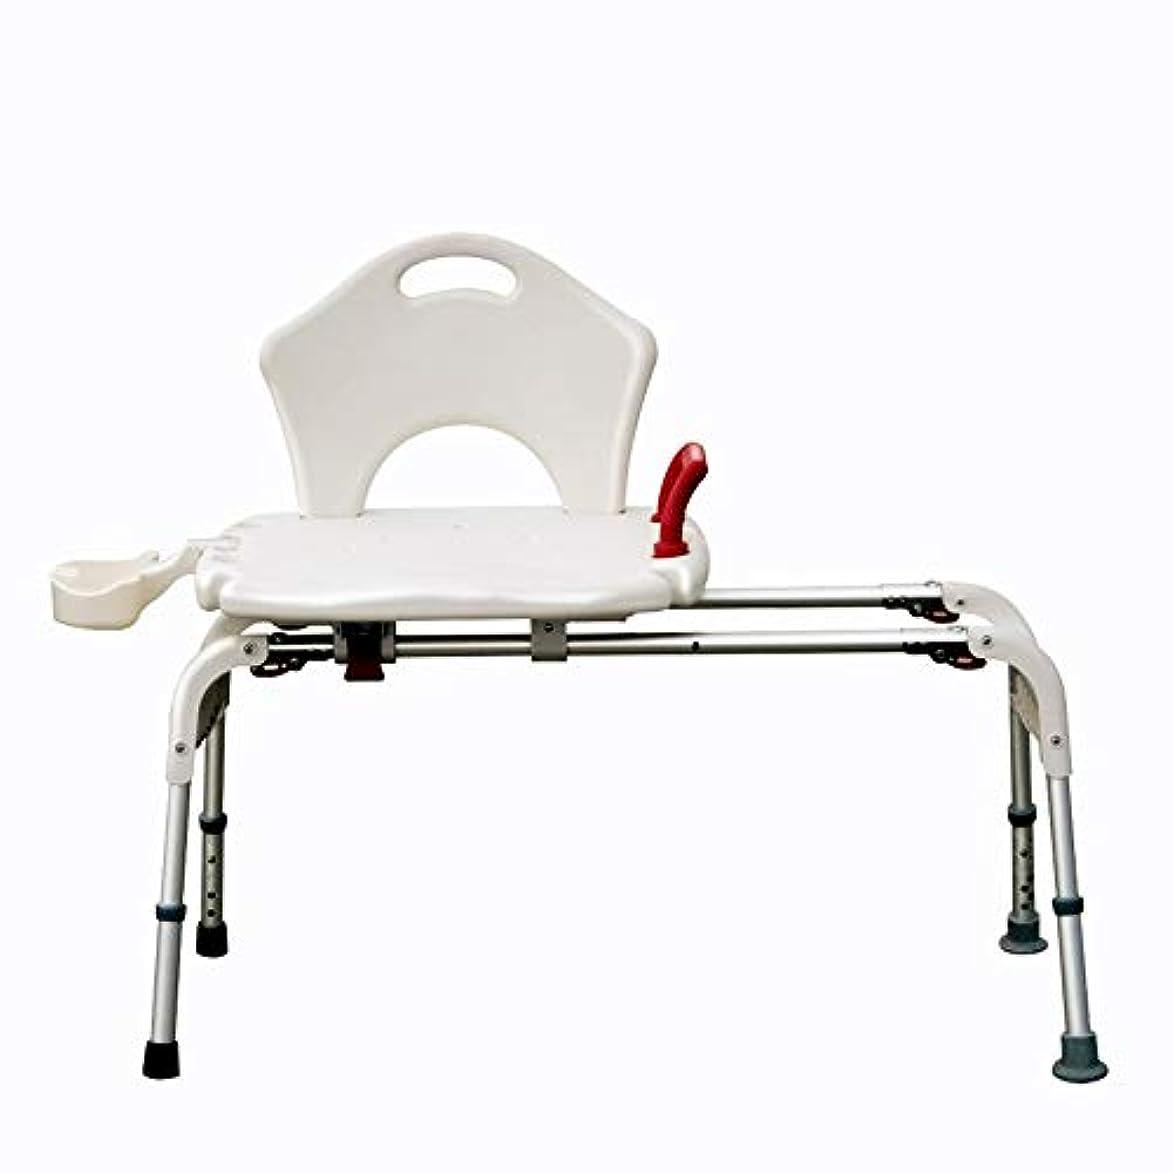 ブランド名ケイ素はぁ背部およびシャワー?ヘッドのホールダーが付いているデラックスな高さの調節可能なアルミニウムBath/シャワーの椅子